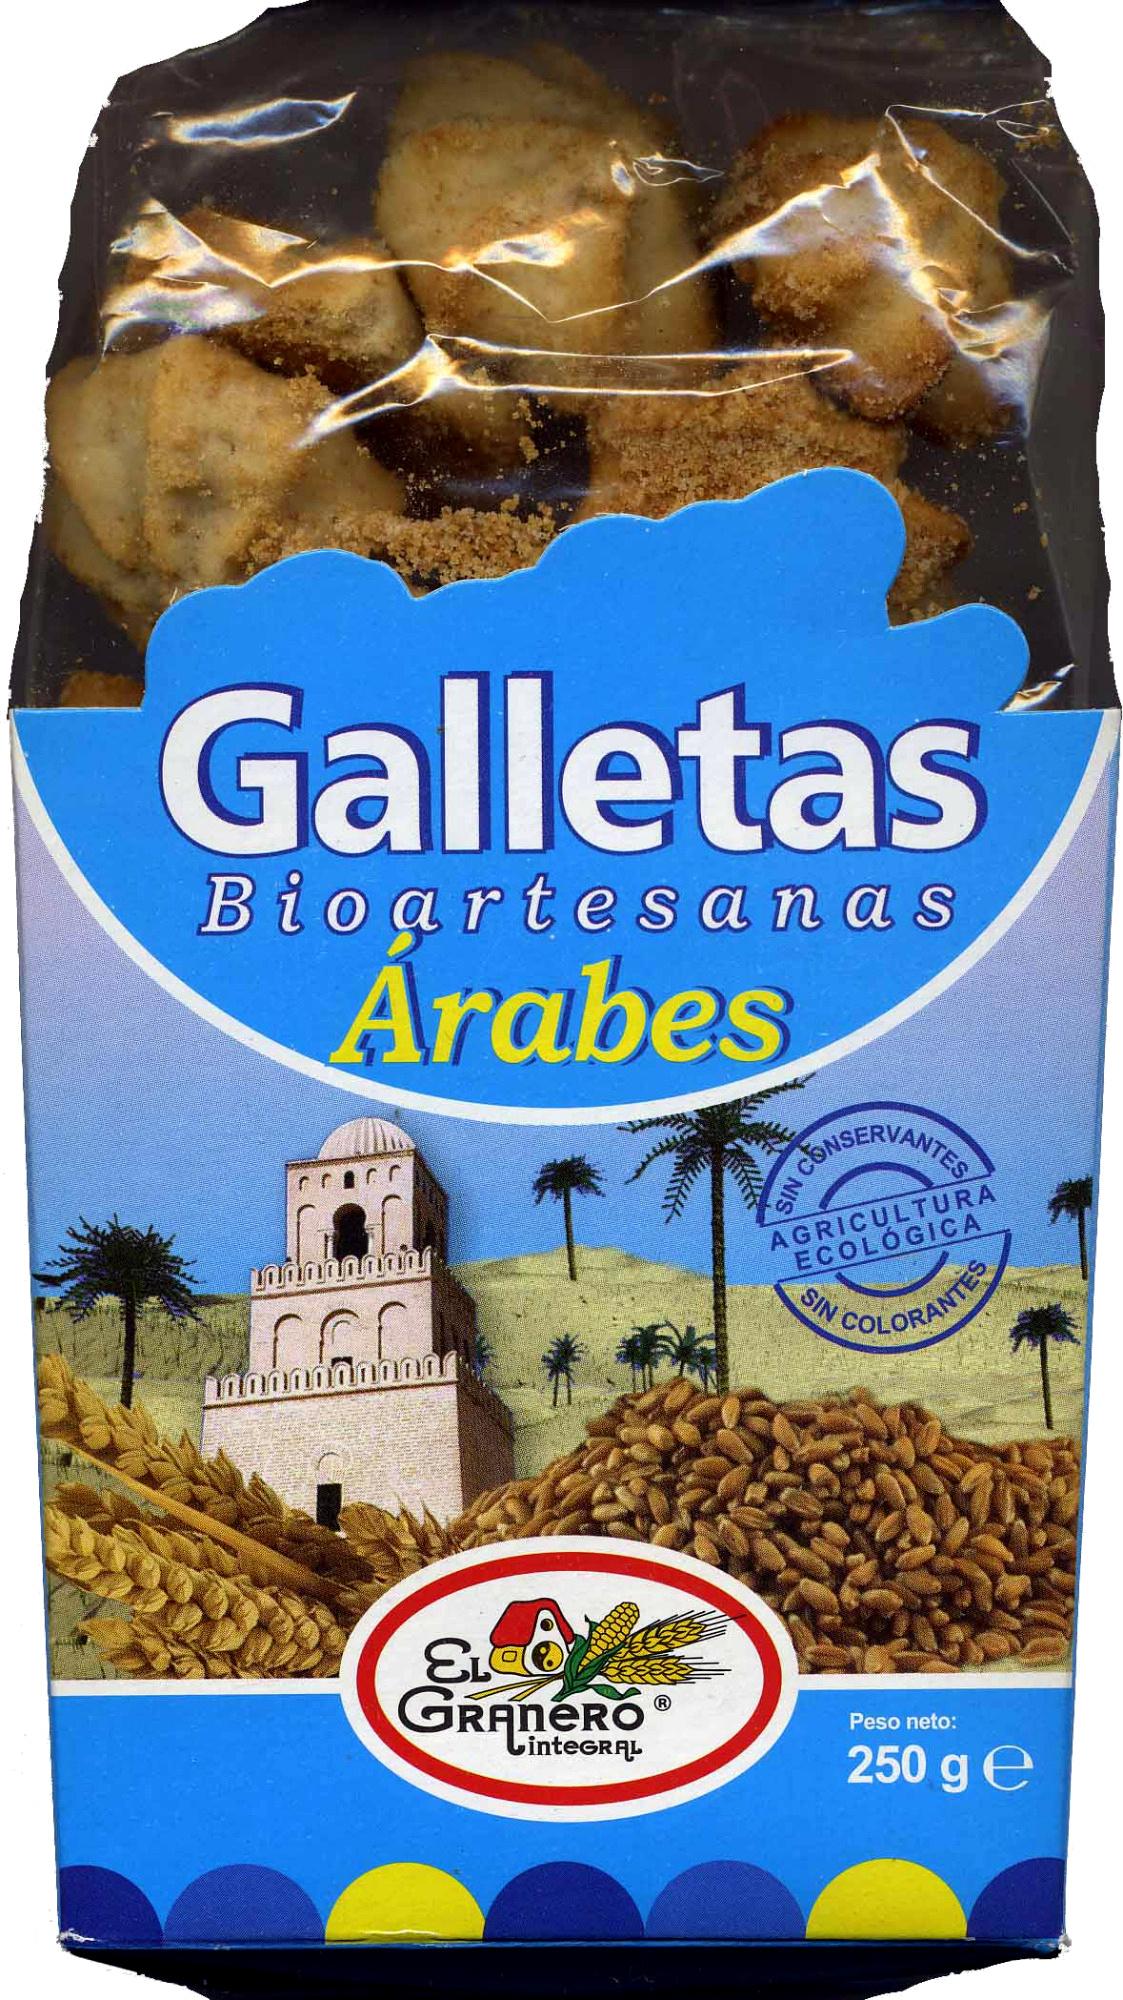 Galletas bioartesanas árabes - Producte - es